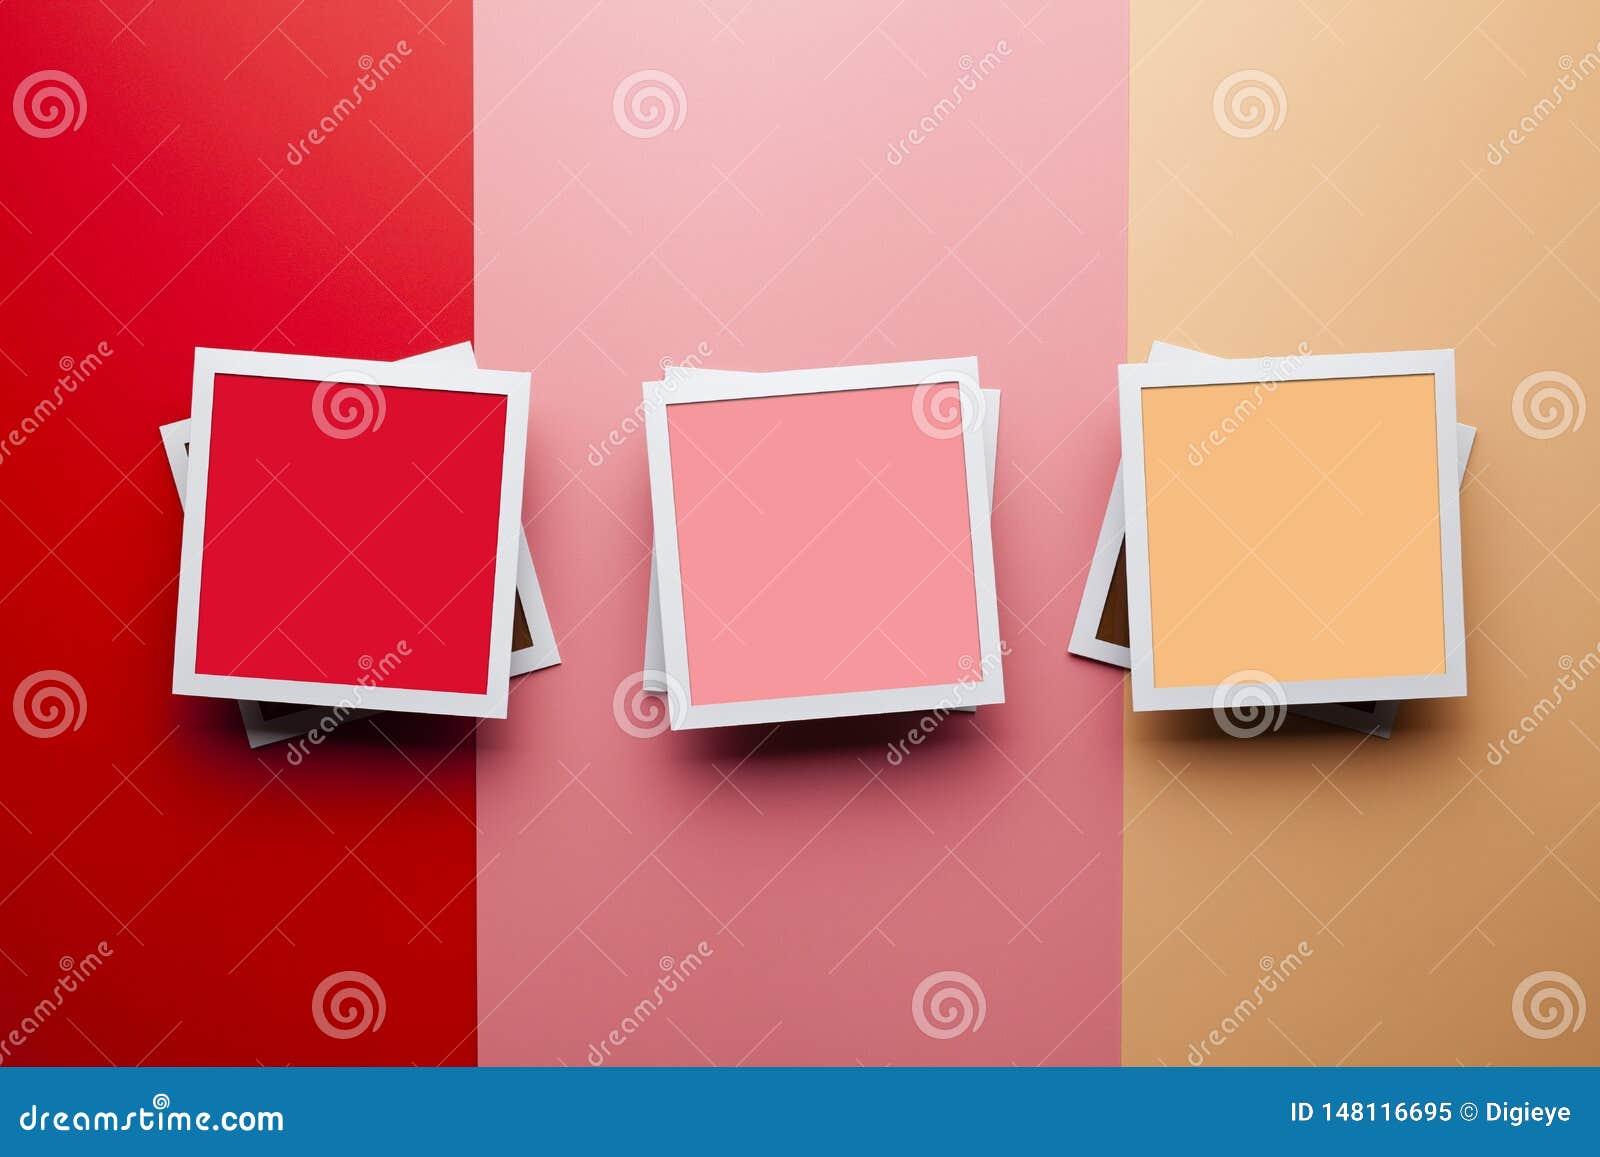 Fotomodellschablone - drei Papierfotorahmen mit leeren Räumen für Ihren Inhalt auf Pastellfarbhintergrund